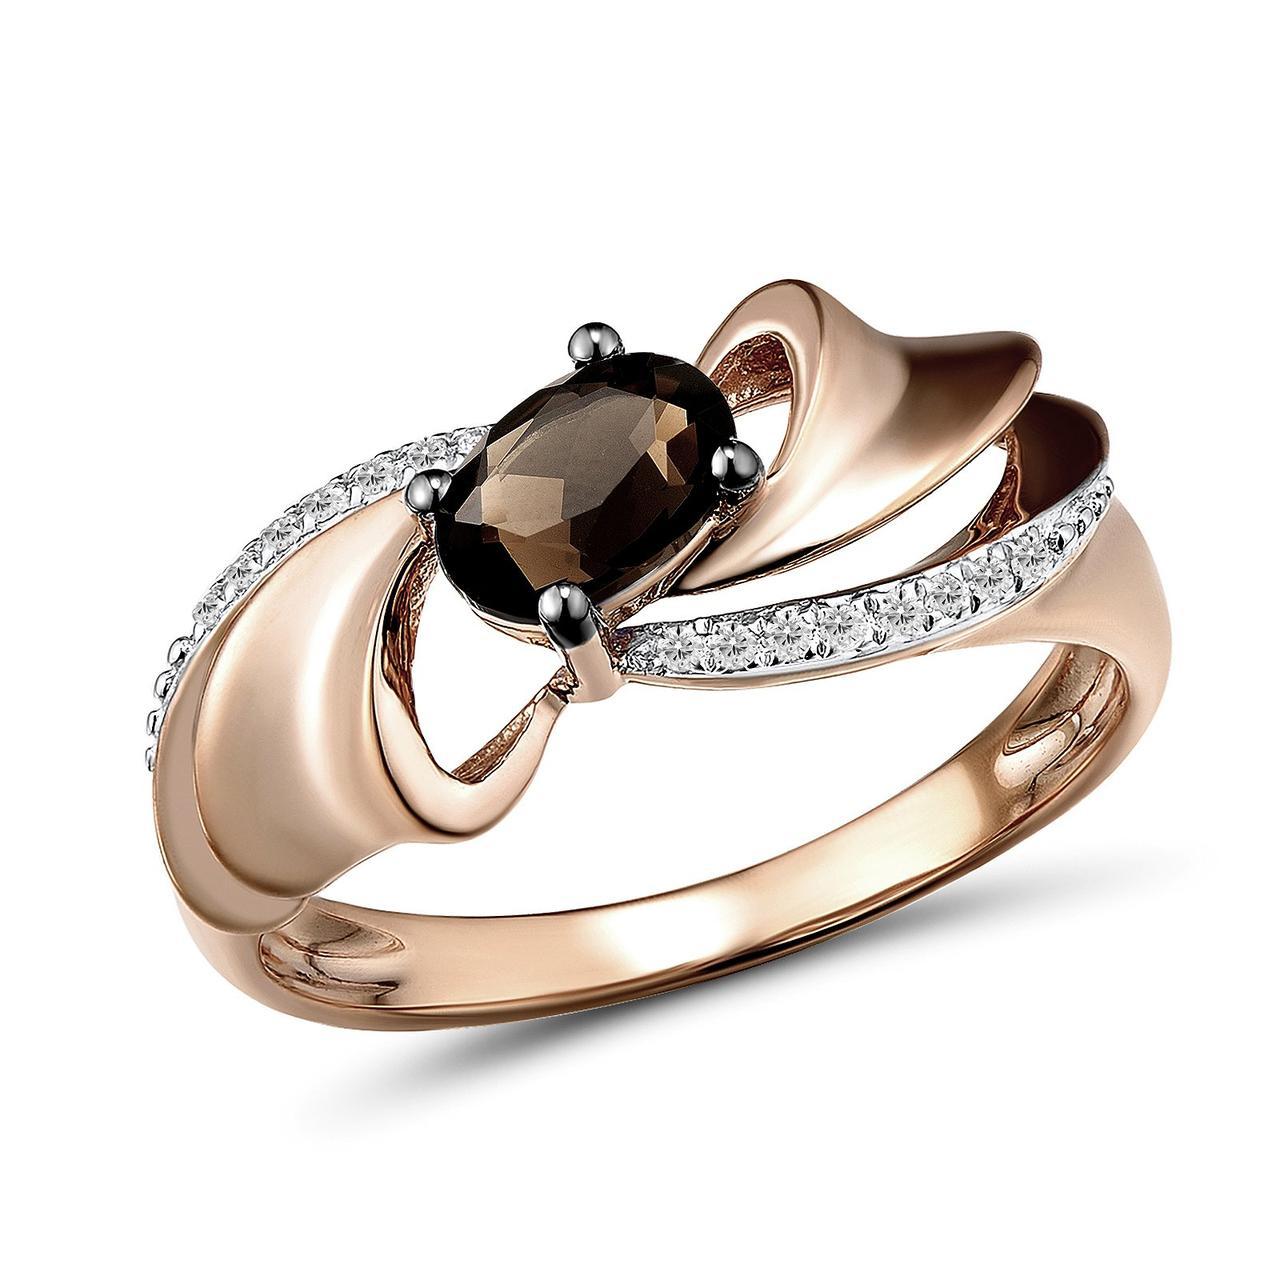 Золотое кольцо с бриллиантами и дымчатым кварцем, размер 16 (1554783)